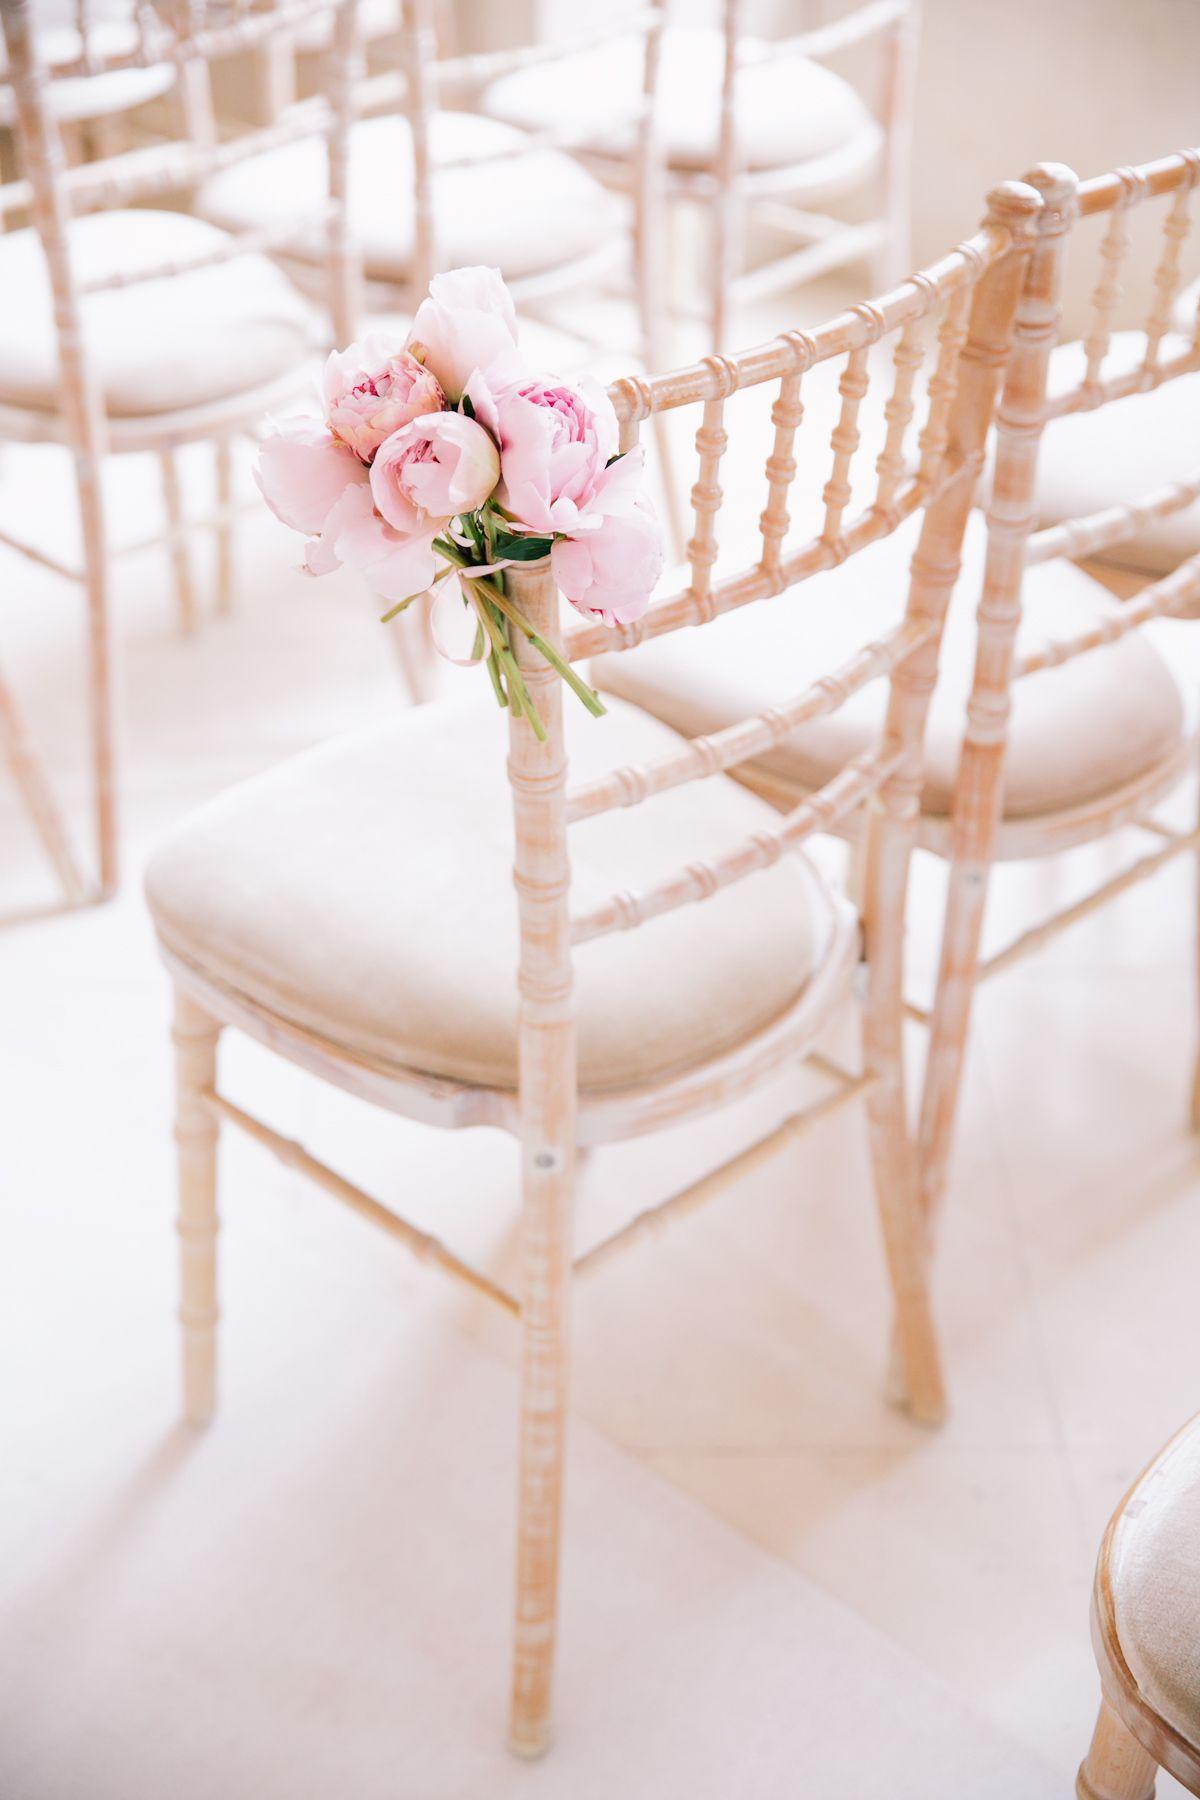 dc maryland washington chivari sashes chairs sash rental chiavari chair